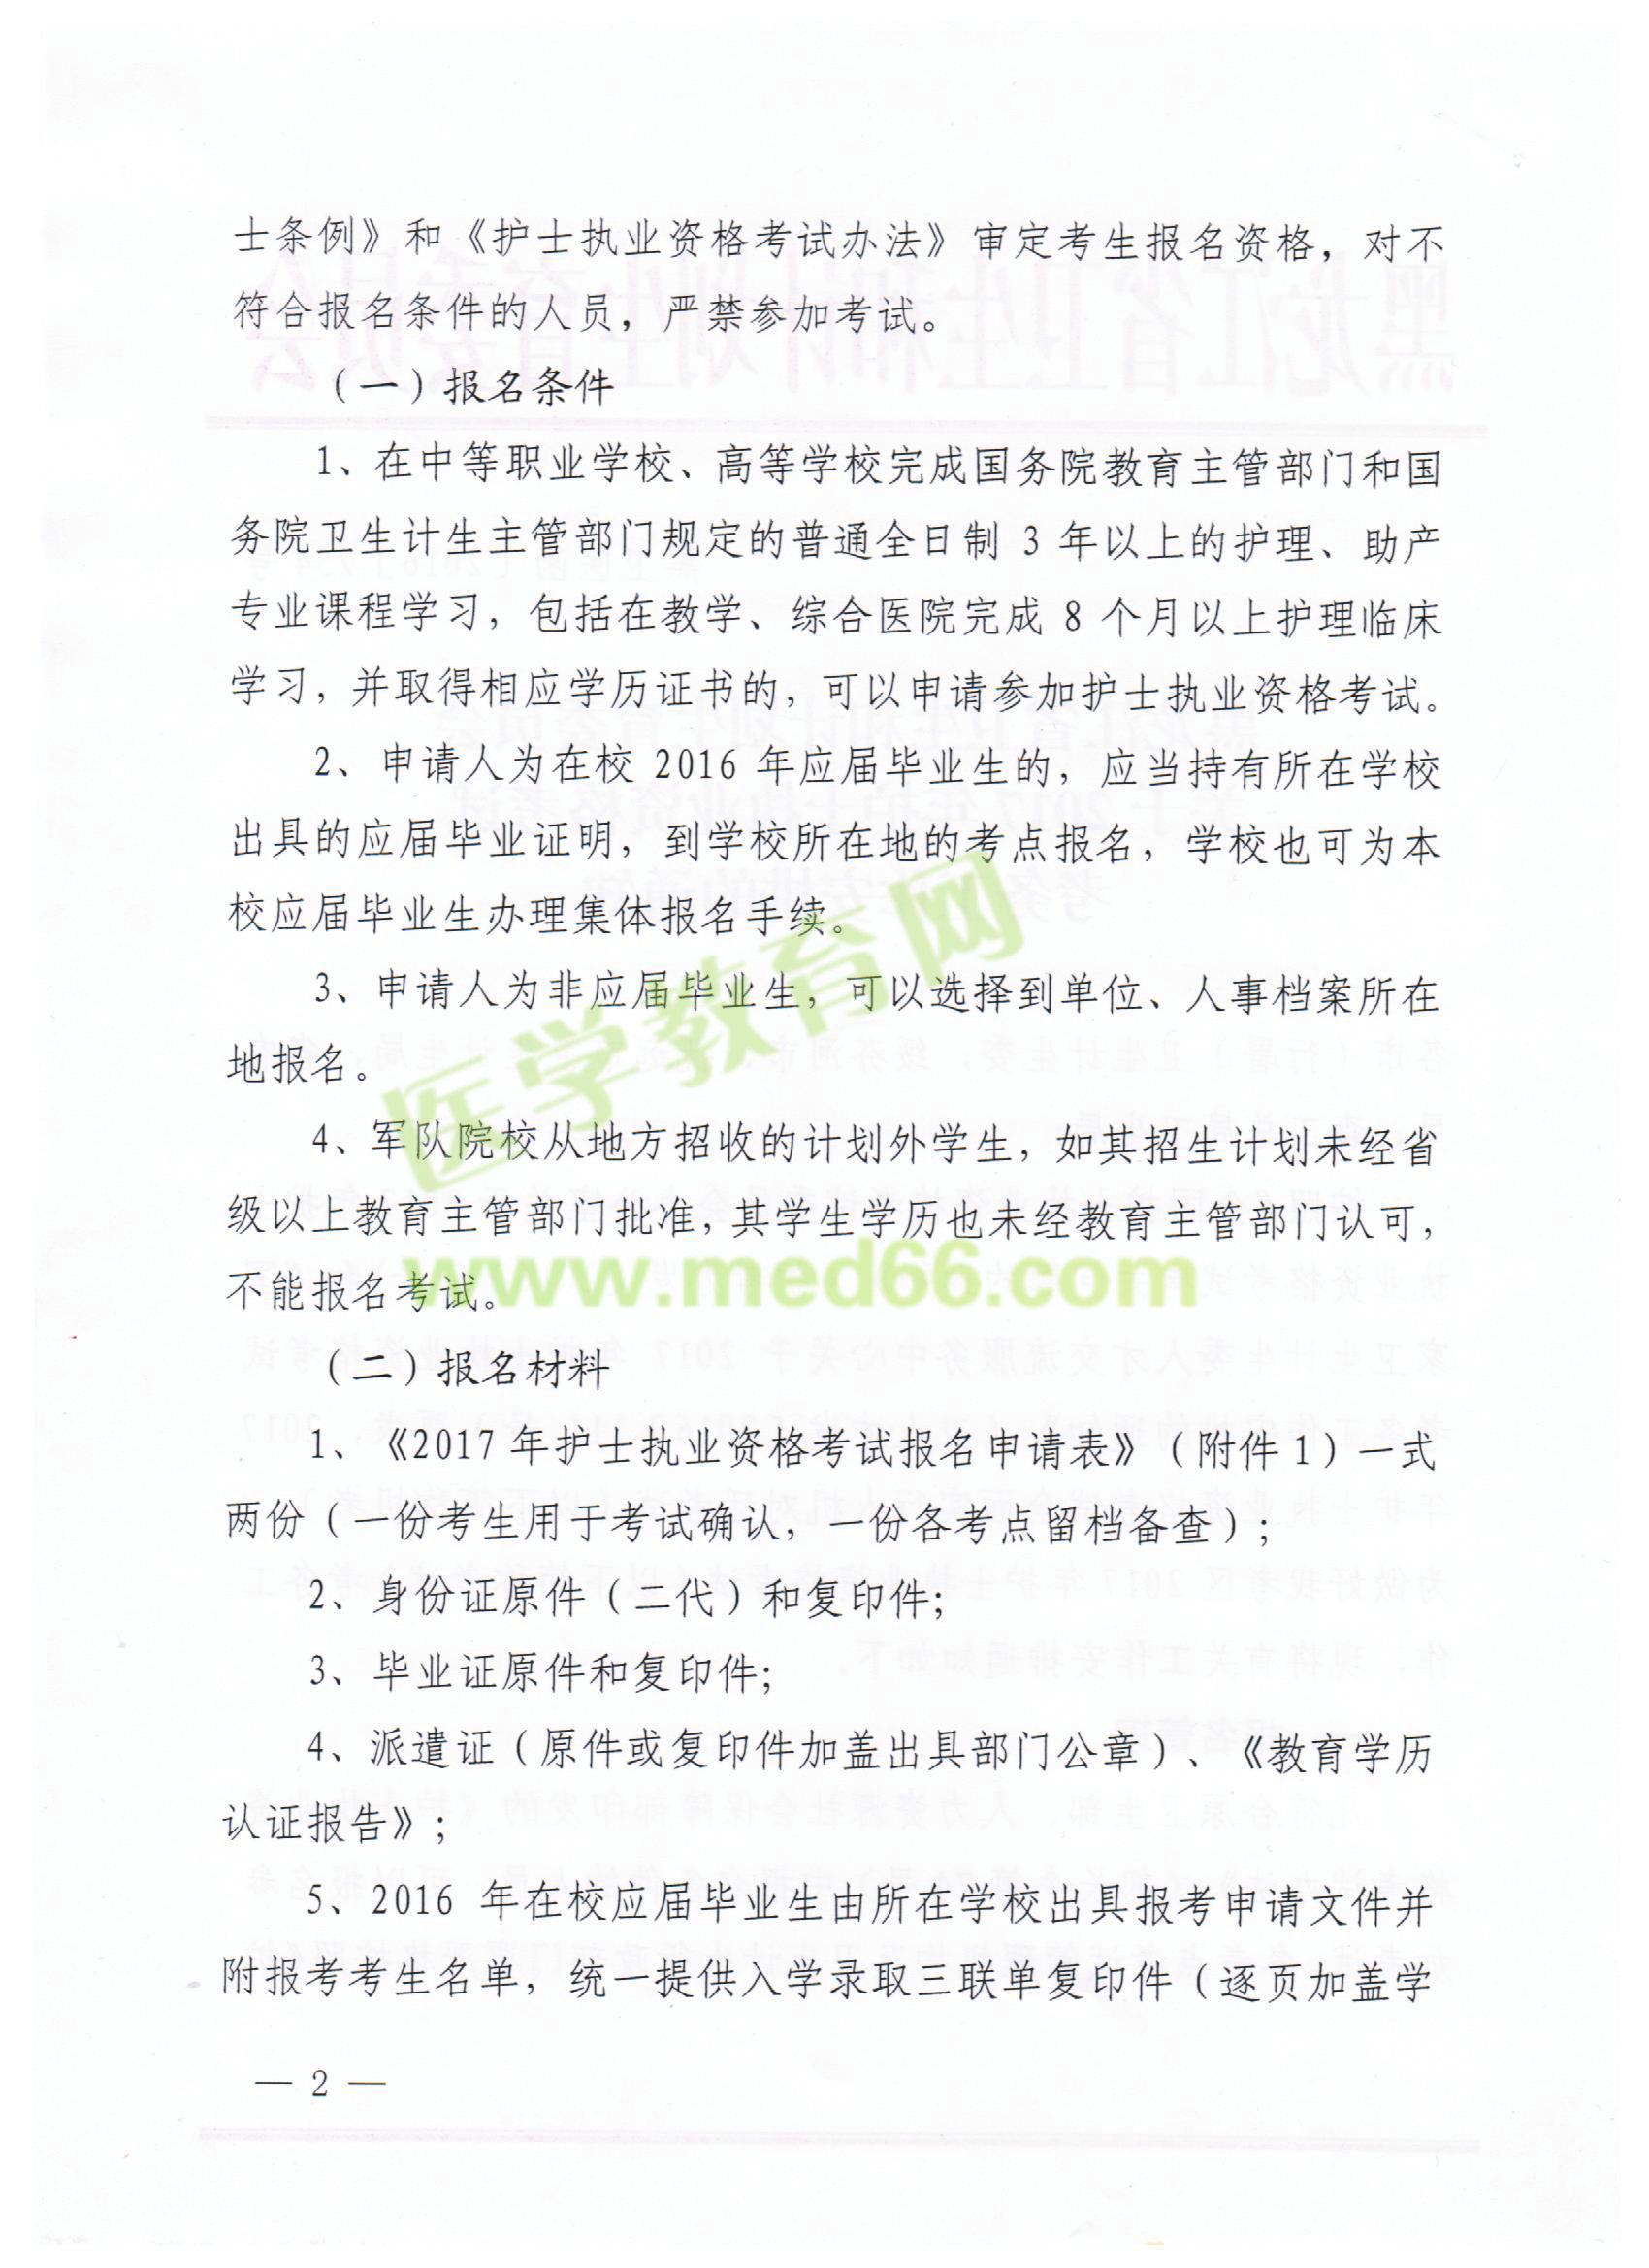 黑龙江省2017年护士执业资格考试报名